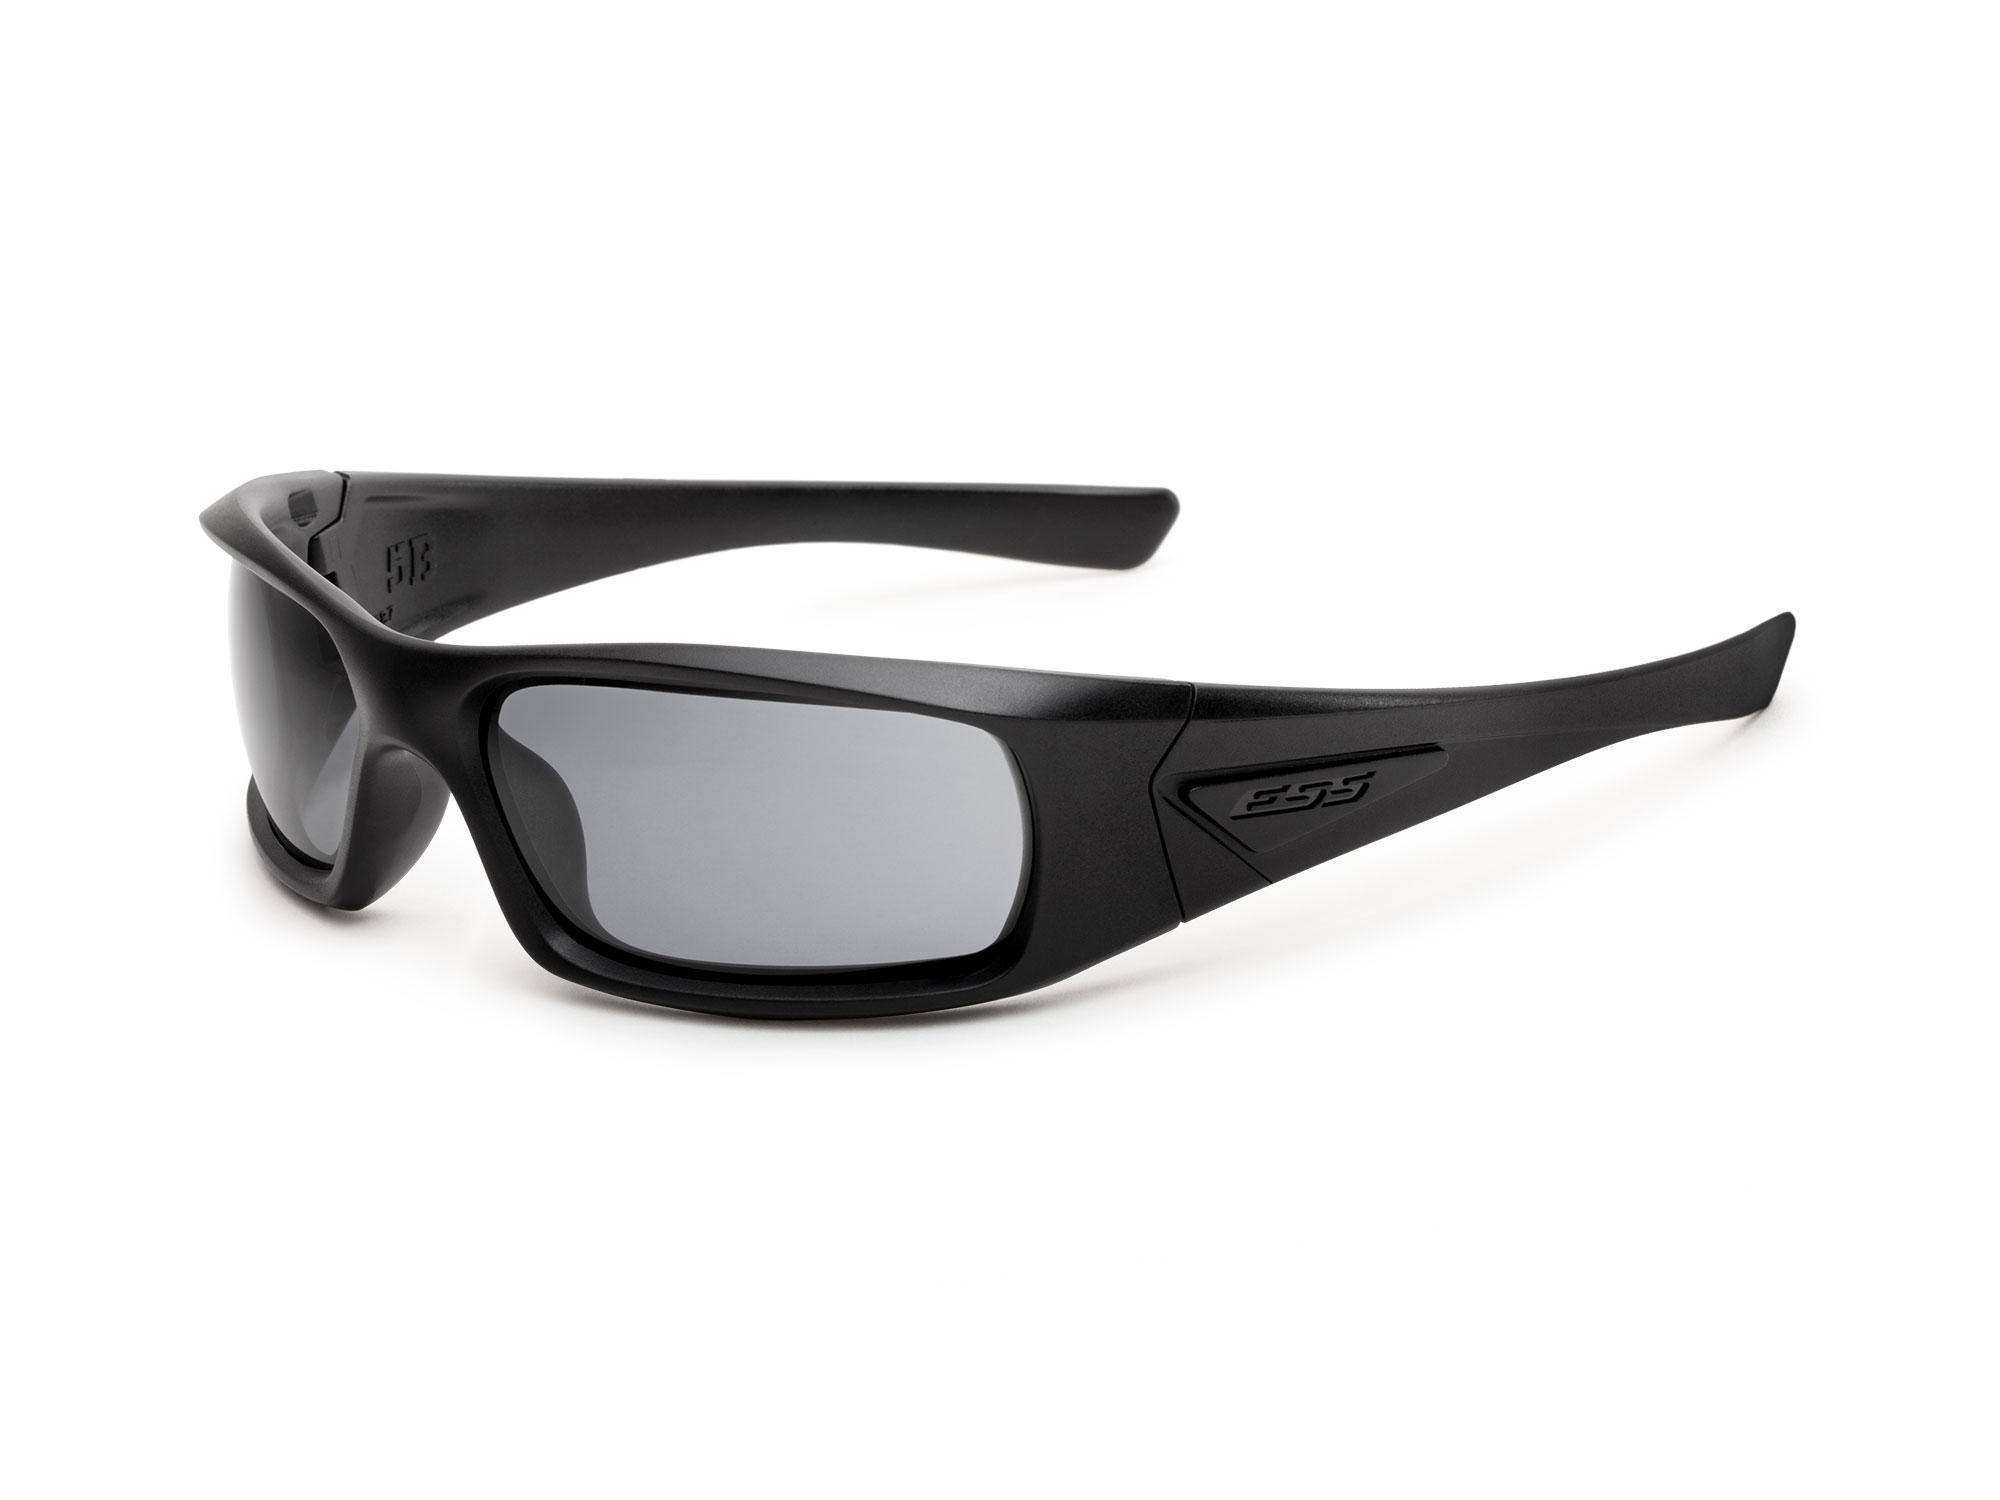 EE9006-06フレーム:ブラック、レンズ:スモークグレイ